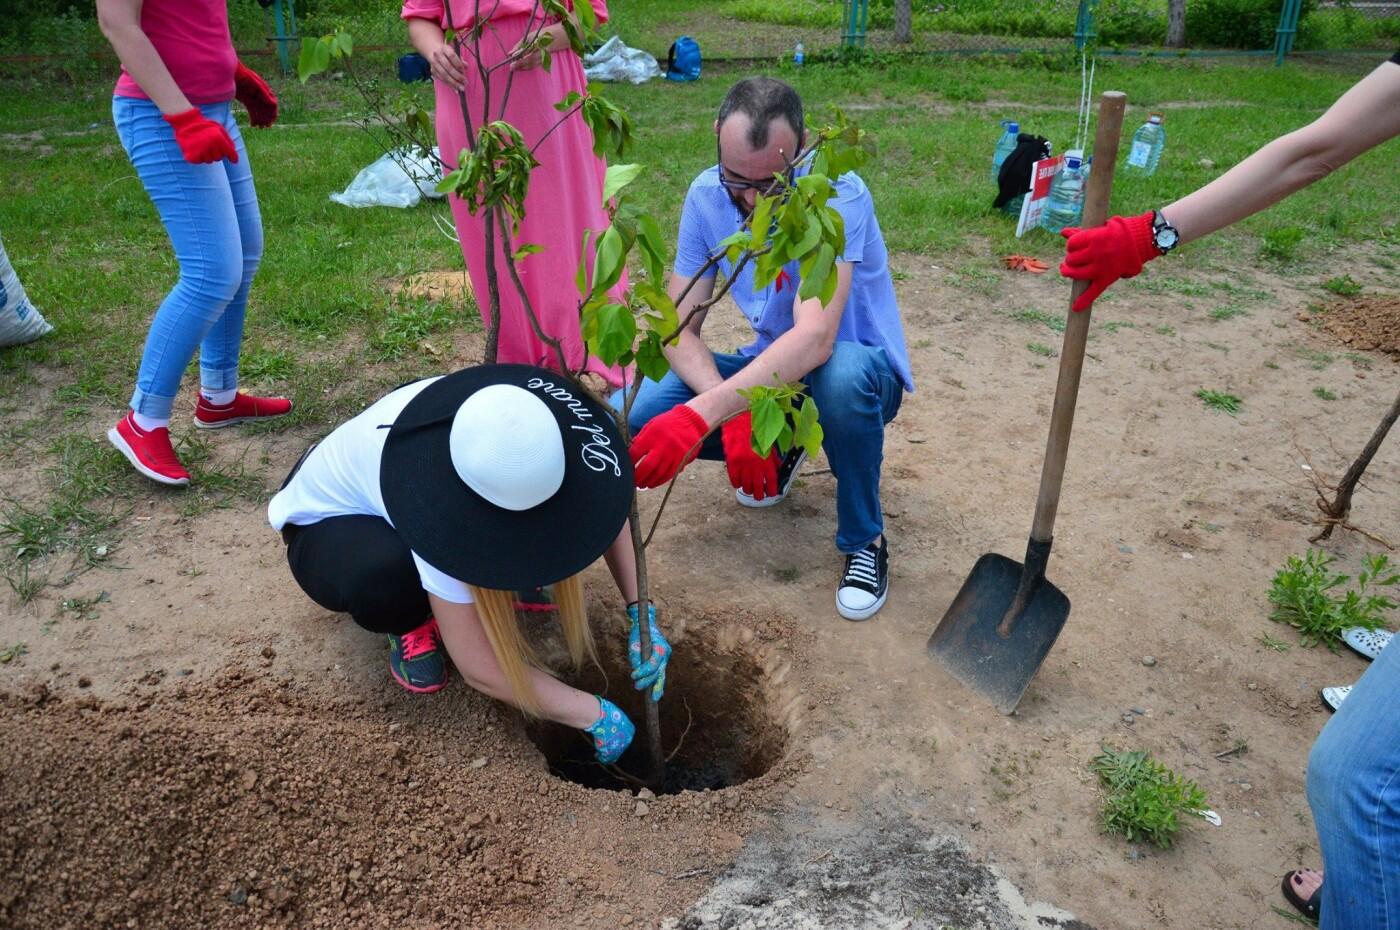 В Кривом Роге появился живой памятник людям, которые умерли из-за СПИДа, - ФОТО , фото-15